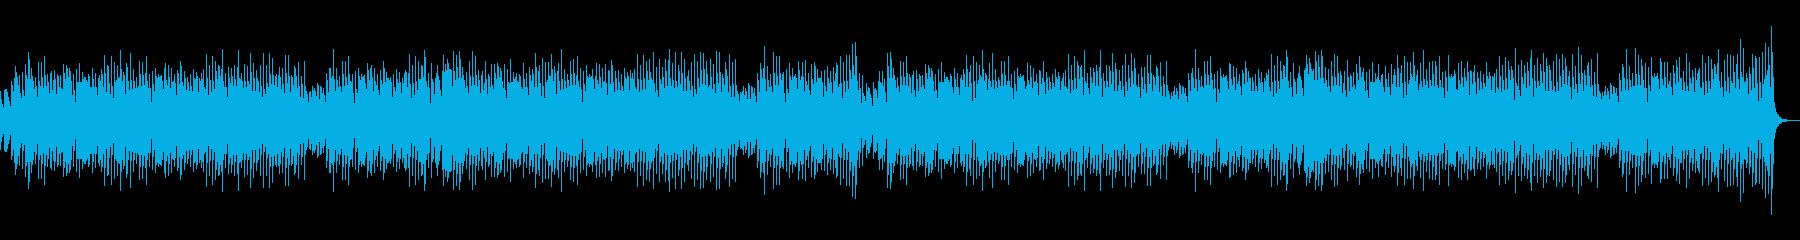 映像やCMに。かわいいコミカルなBGMの再生済みの波形